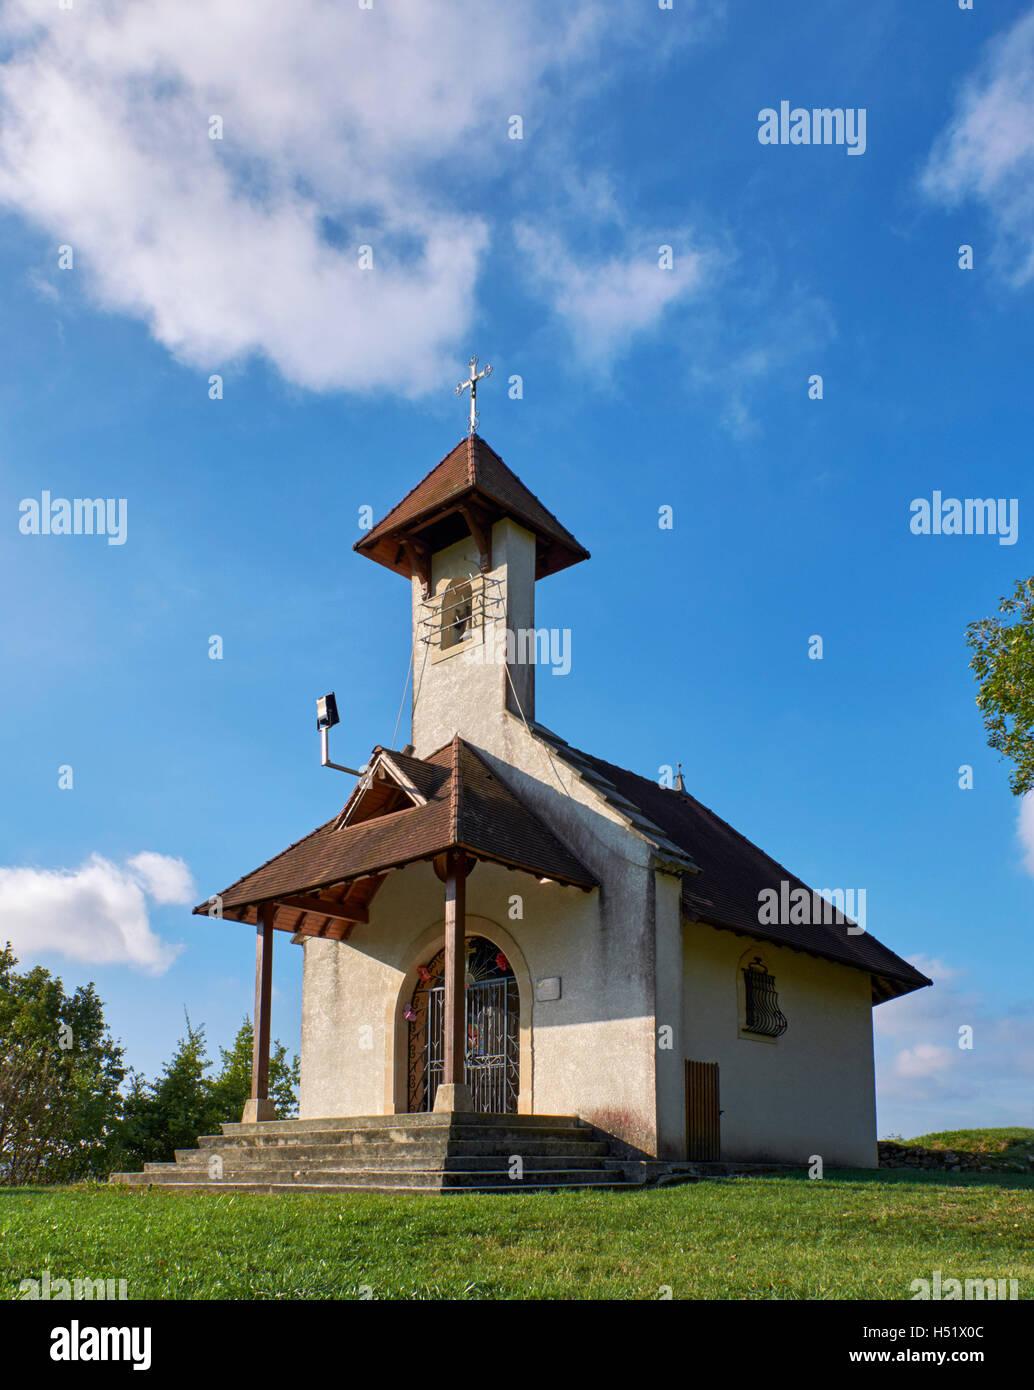 Chapelle Saint-Romain on the Camino de Santiago above Jongieux-le-Haut. Savoie, France. - Stock Image